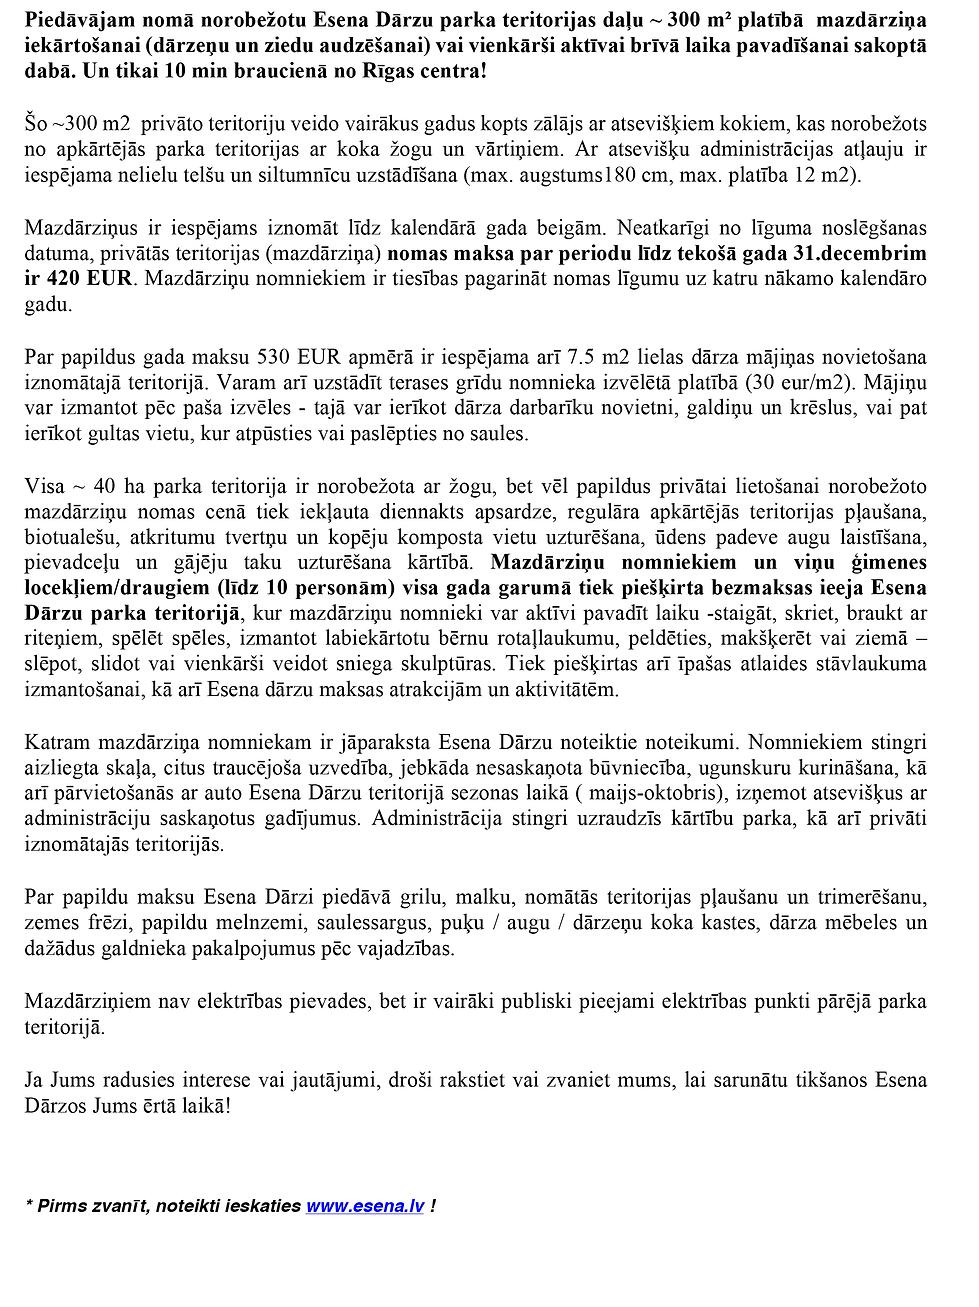 MAZDĀRZIŅI_CENAS_270421.png